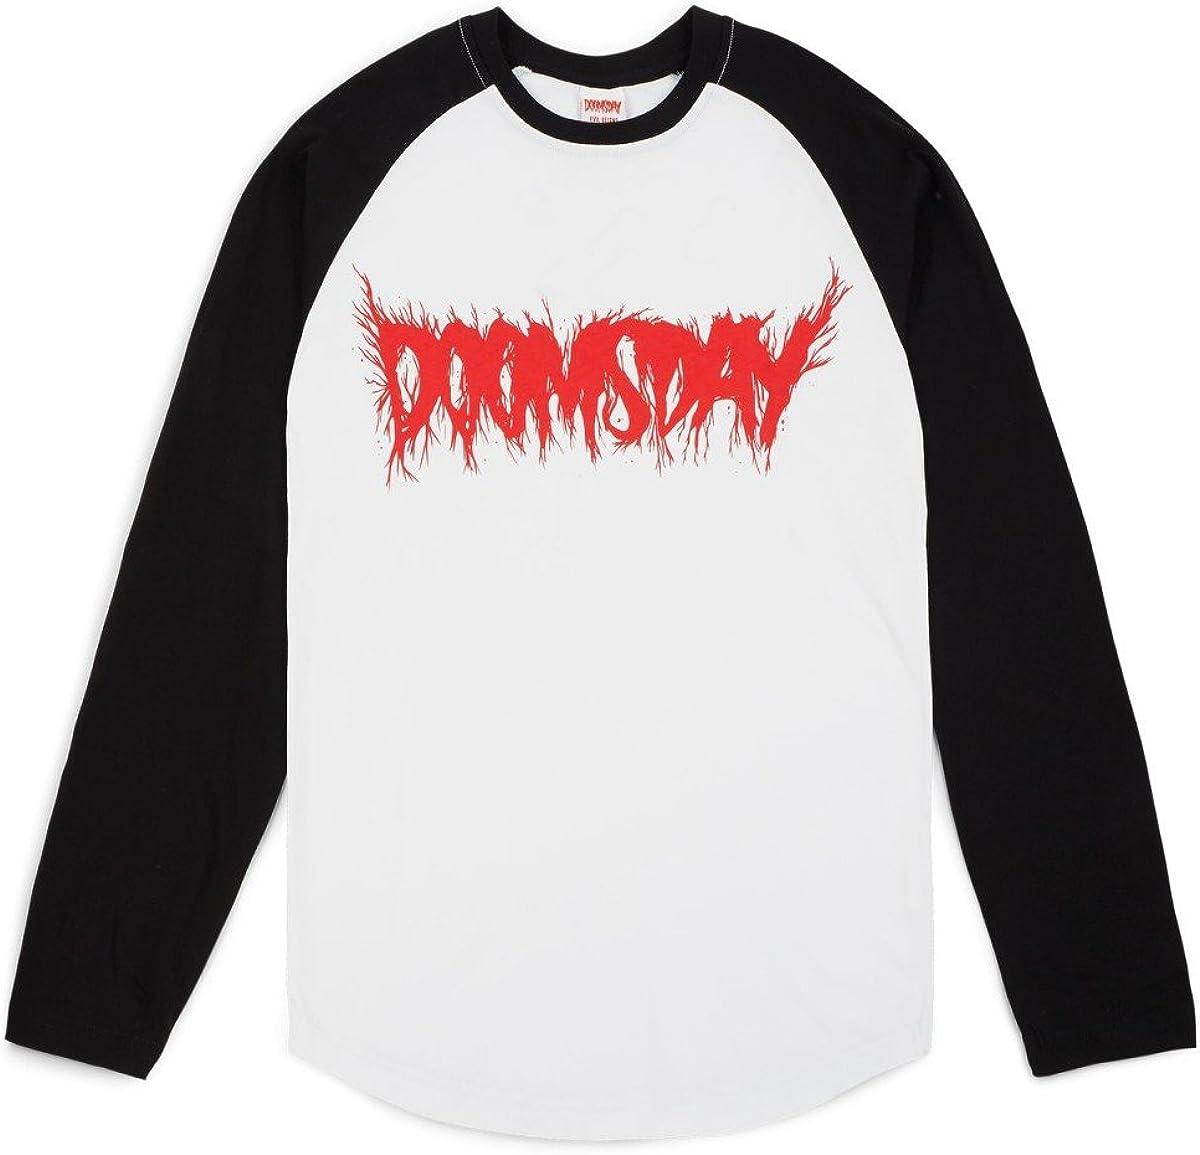 Doomsday Logo Metal – Camiseta – Negro/Blanco – S: Amazon.es: Ropa y accesorios